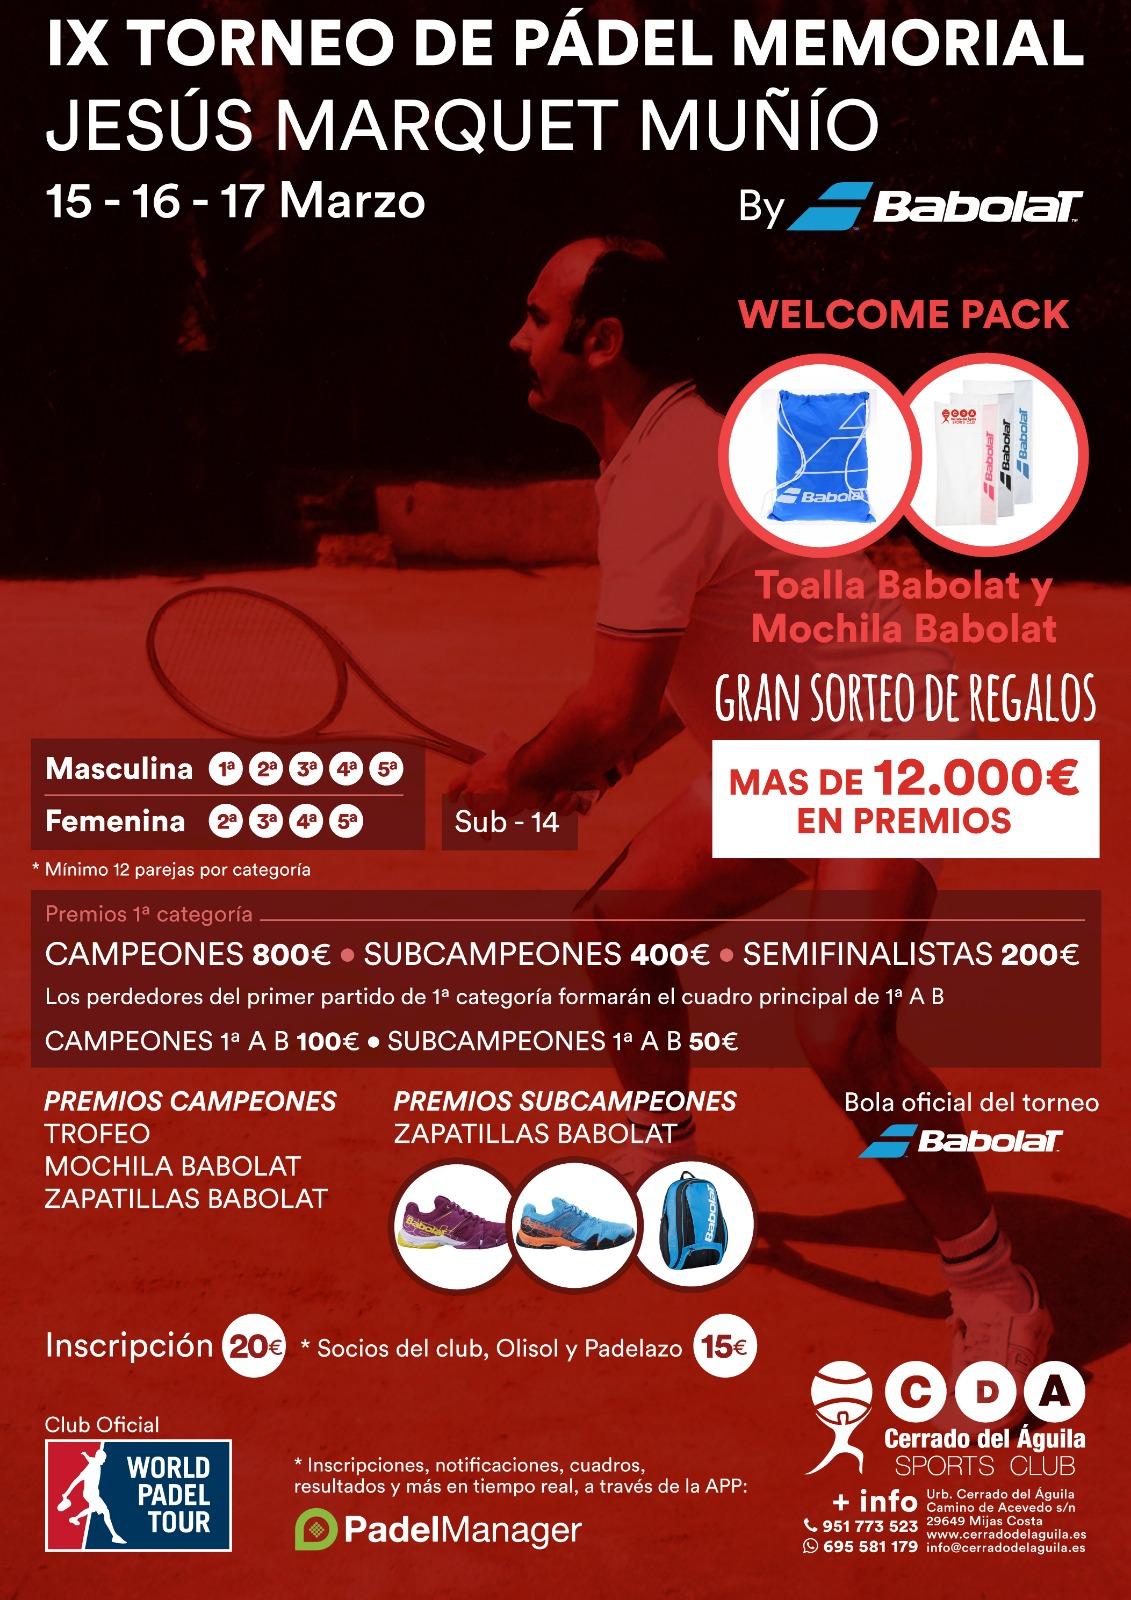 IX Torneo de Pádel Memorial Jesús Marquet Muñío